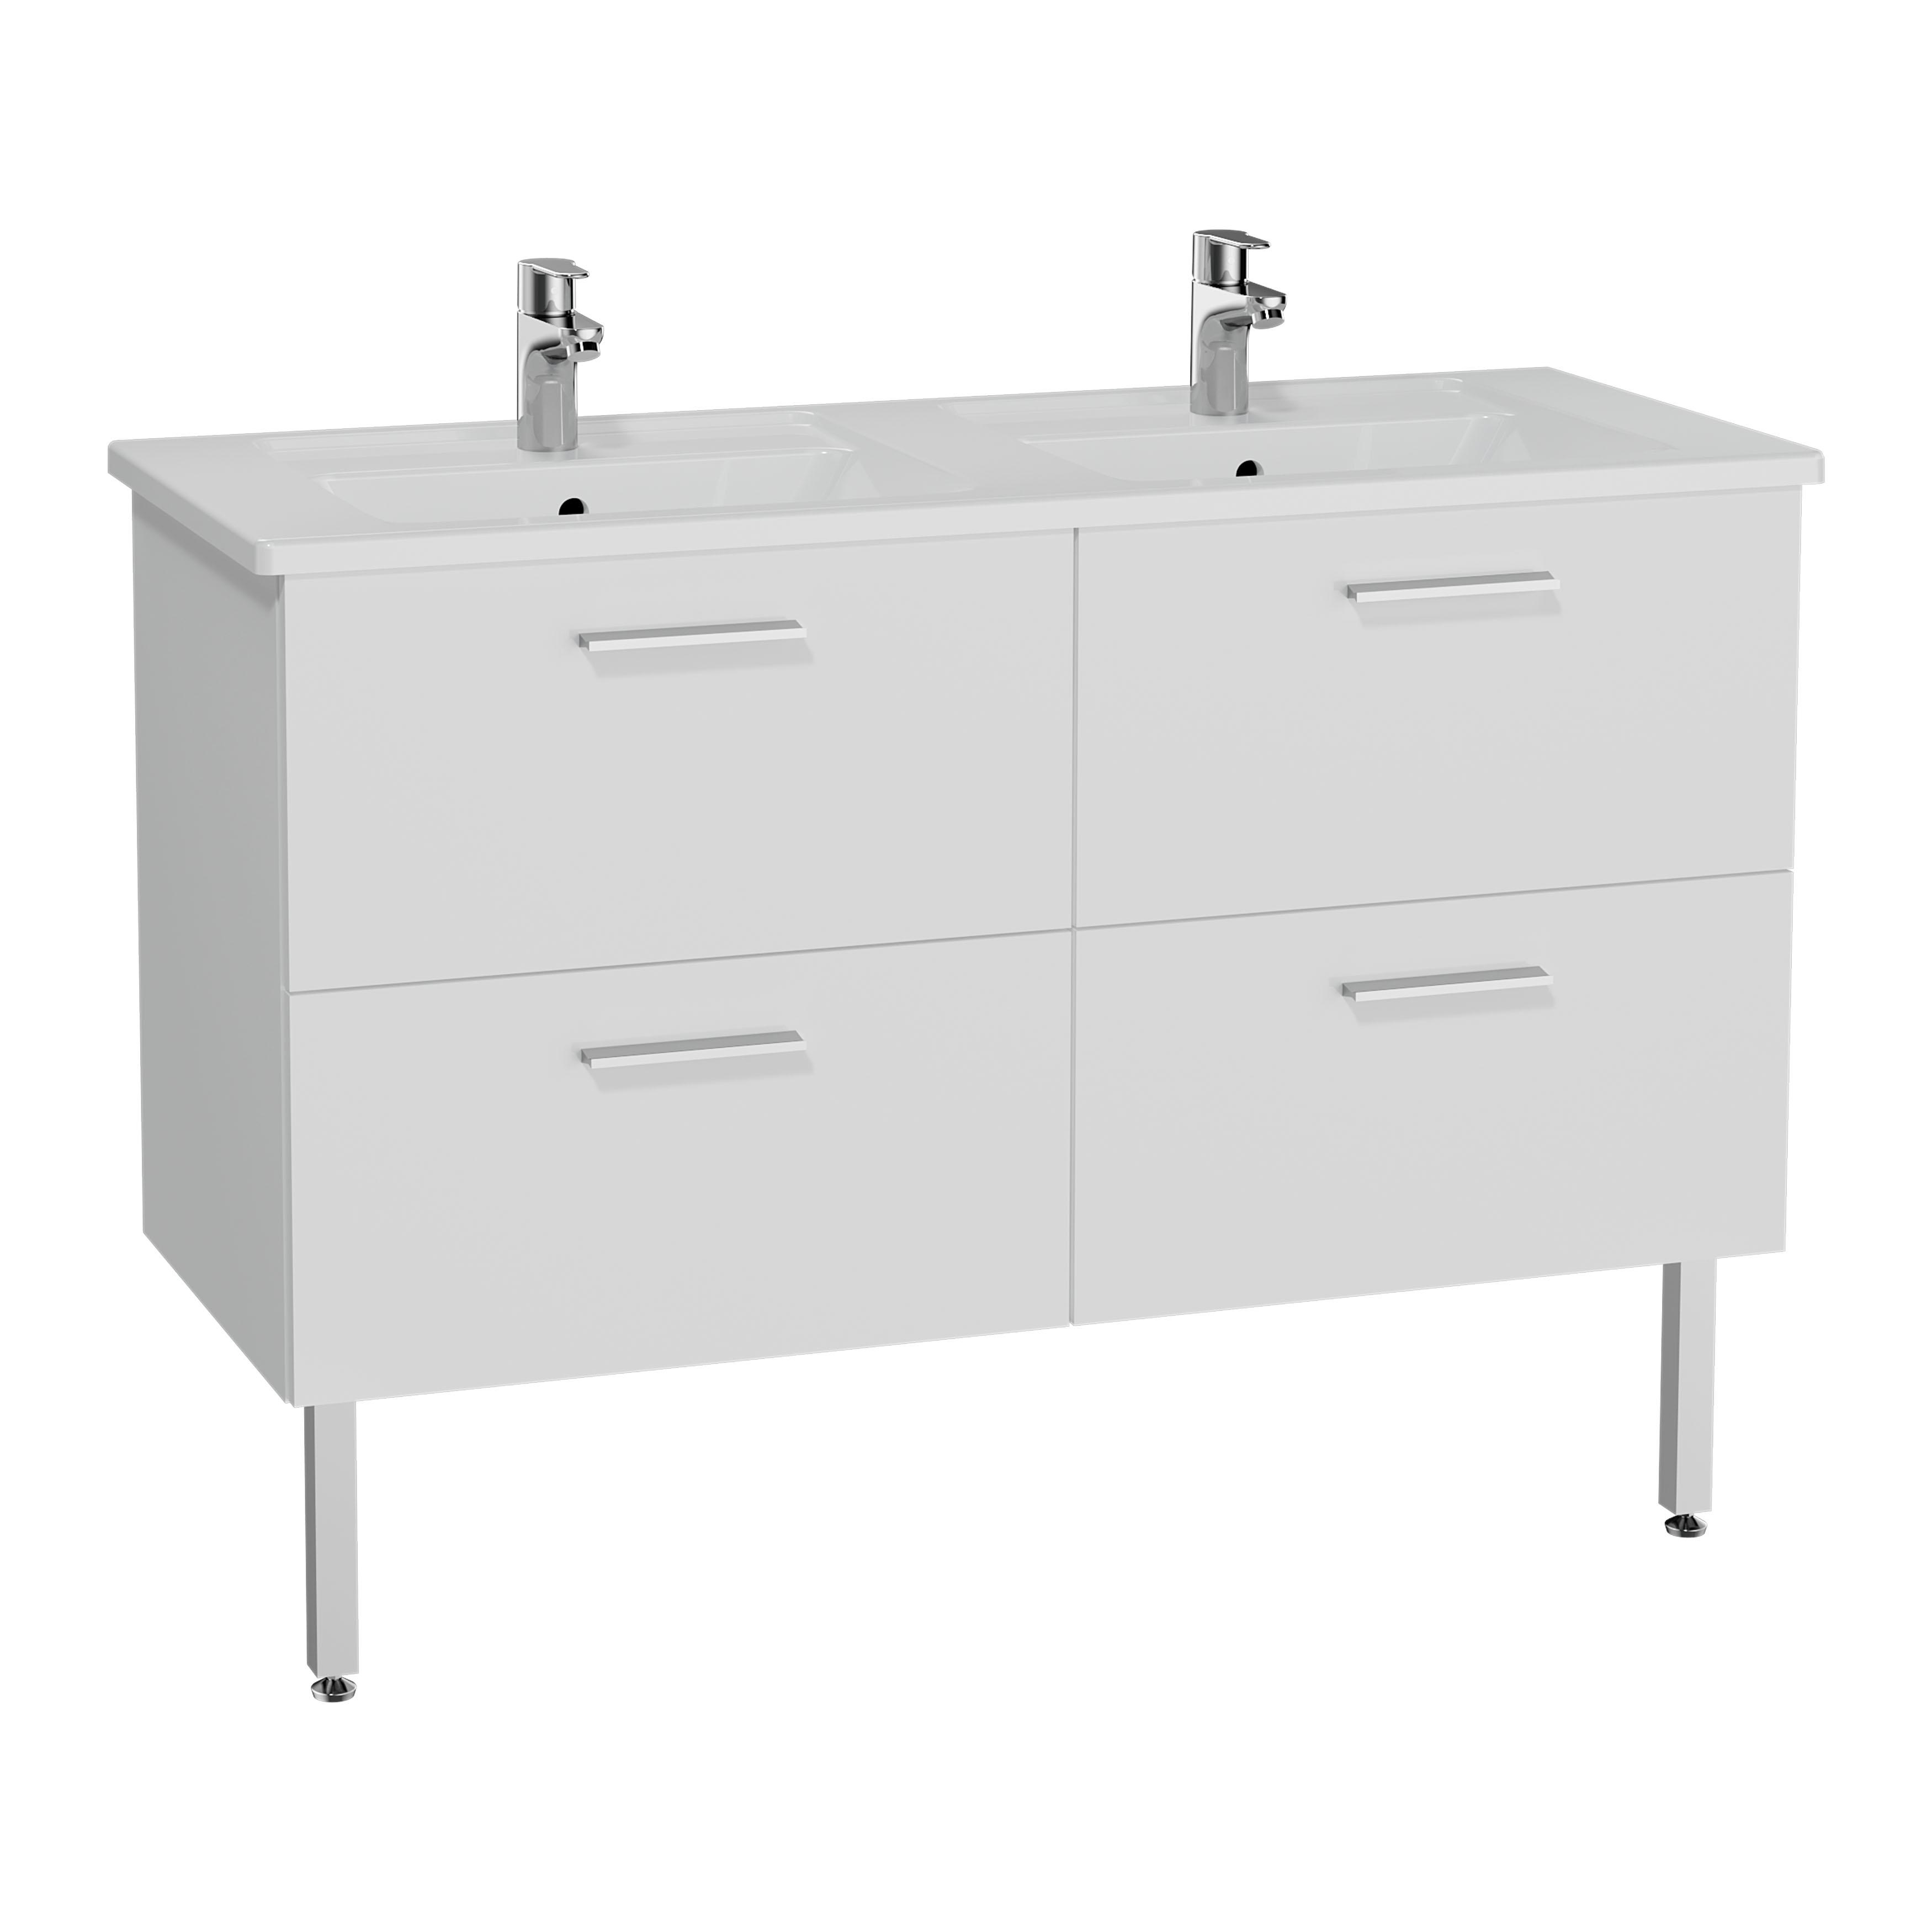 Mia set de meuble, avec 4 tiroirs, sans miroir et éclairage, 120 cm, blanc